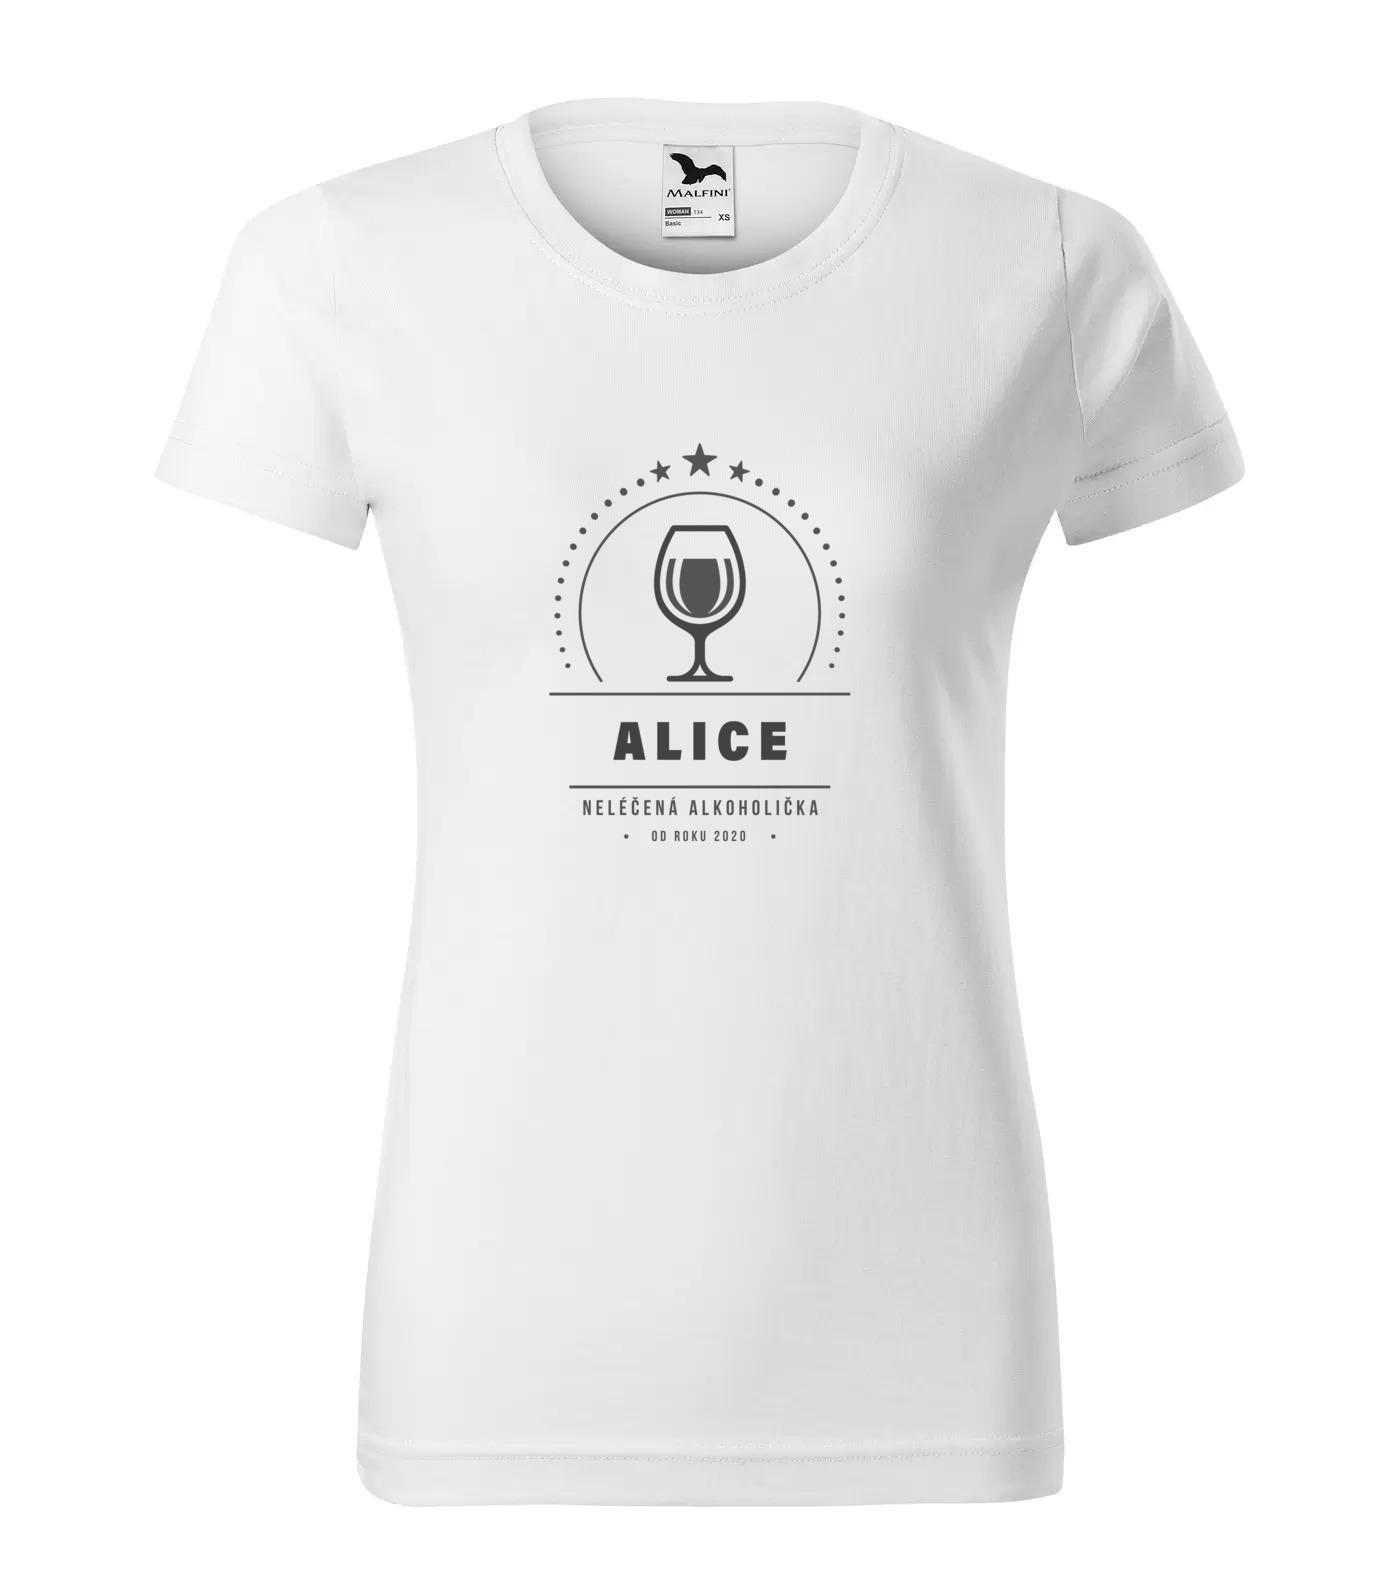 Tričko Alkoholička Alice